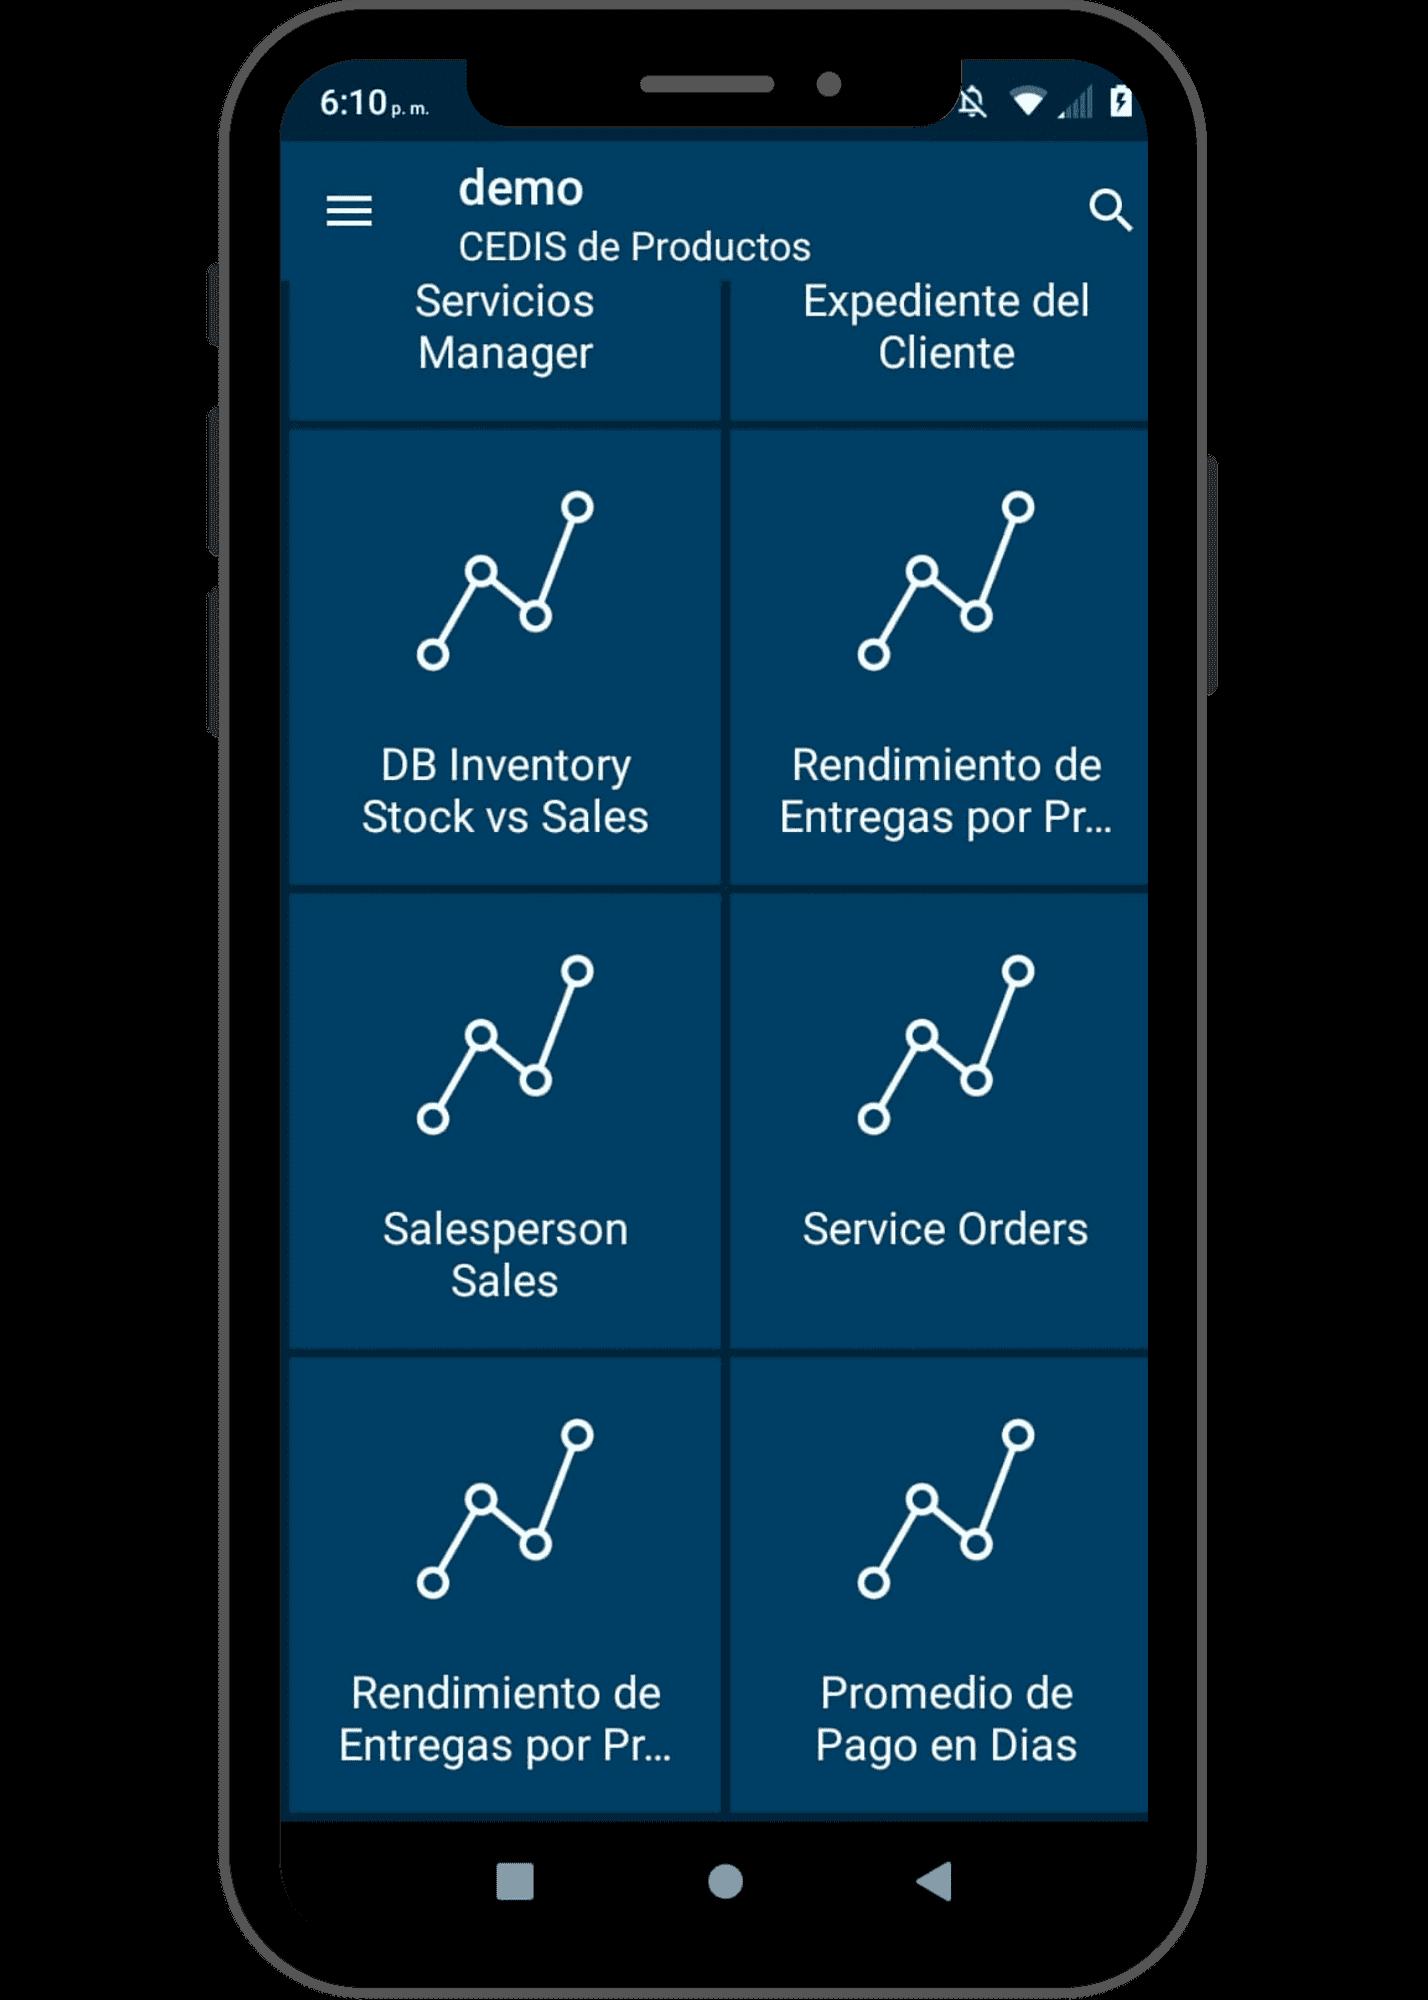 Sistema ERP Cloud Mexico - Automatice todos sus procesos de negocio desde la Nube con Acumatica y haga crecer su empresa 3x